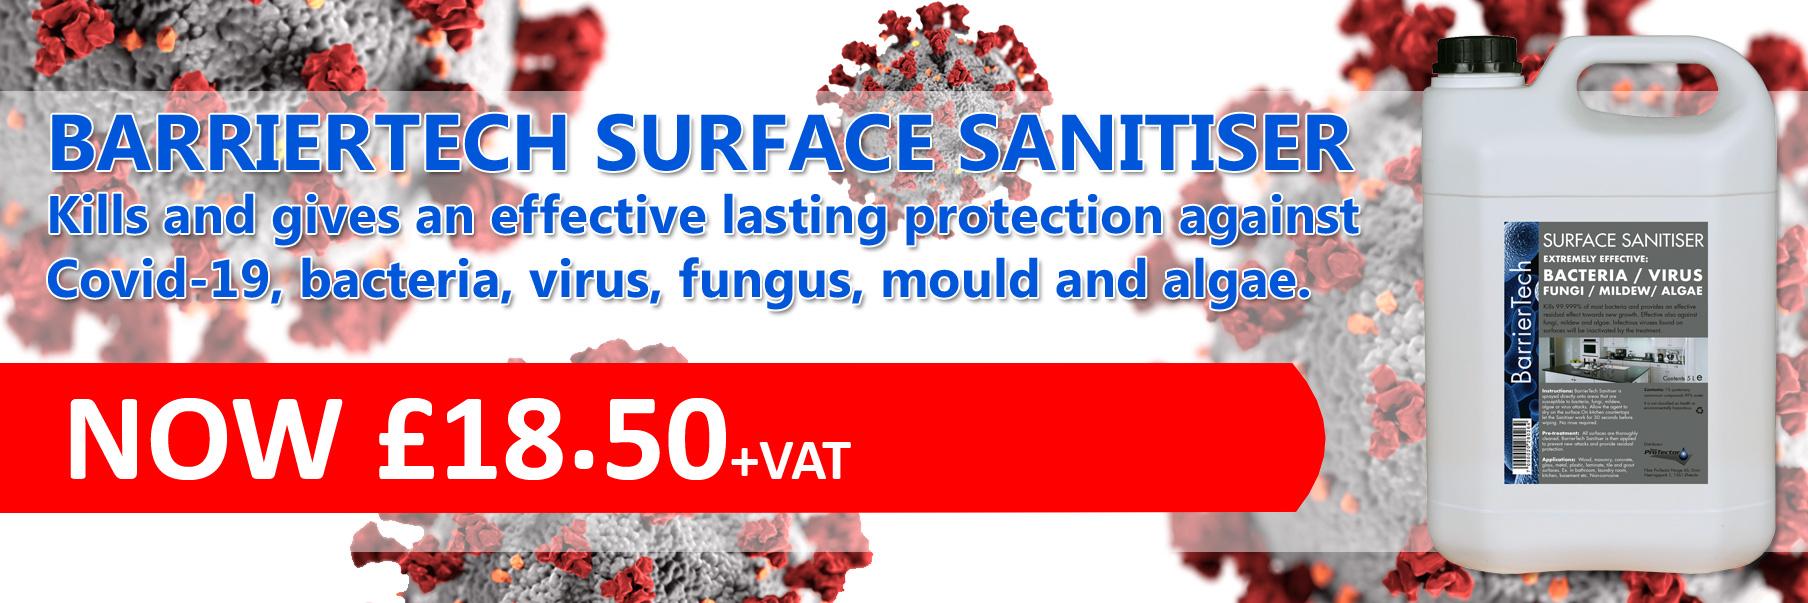 BarrierTech surface sanitiser